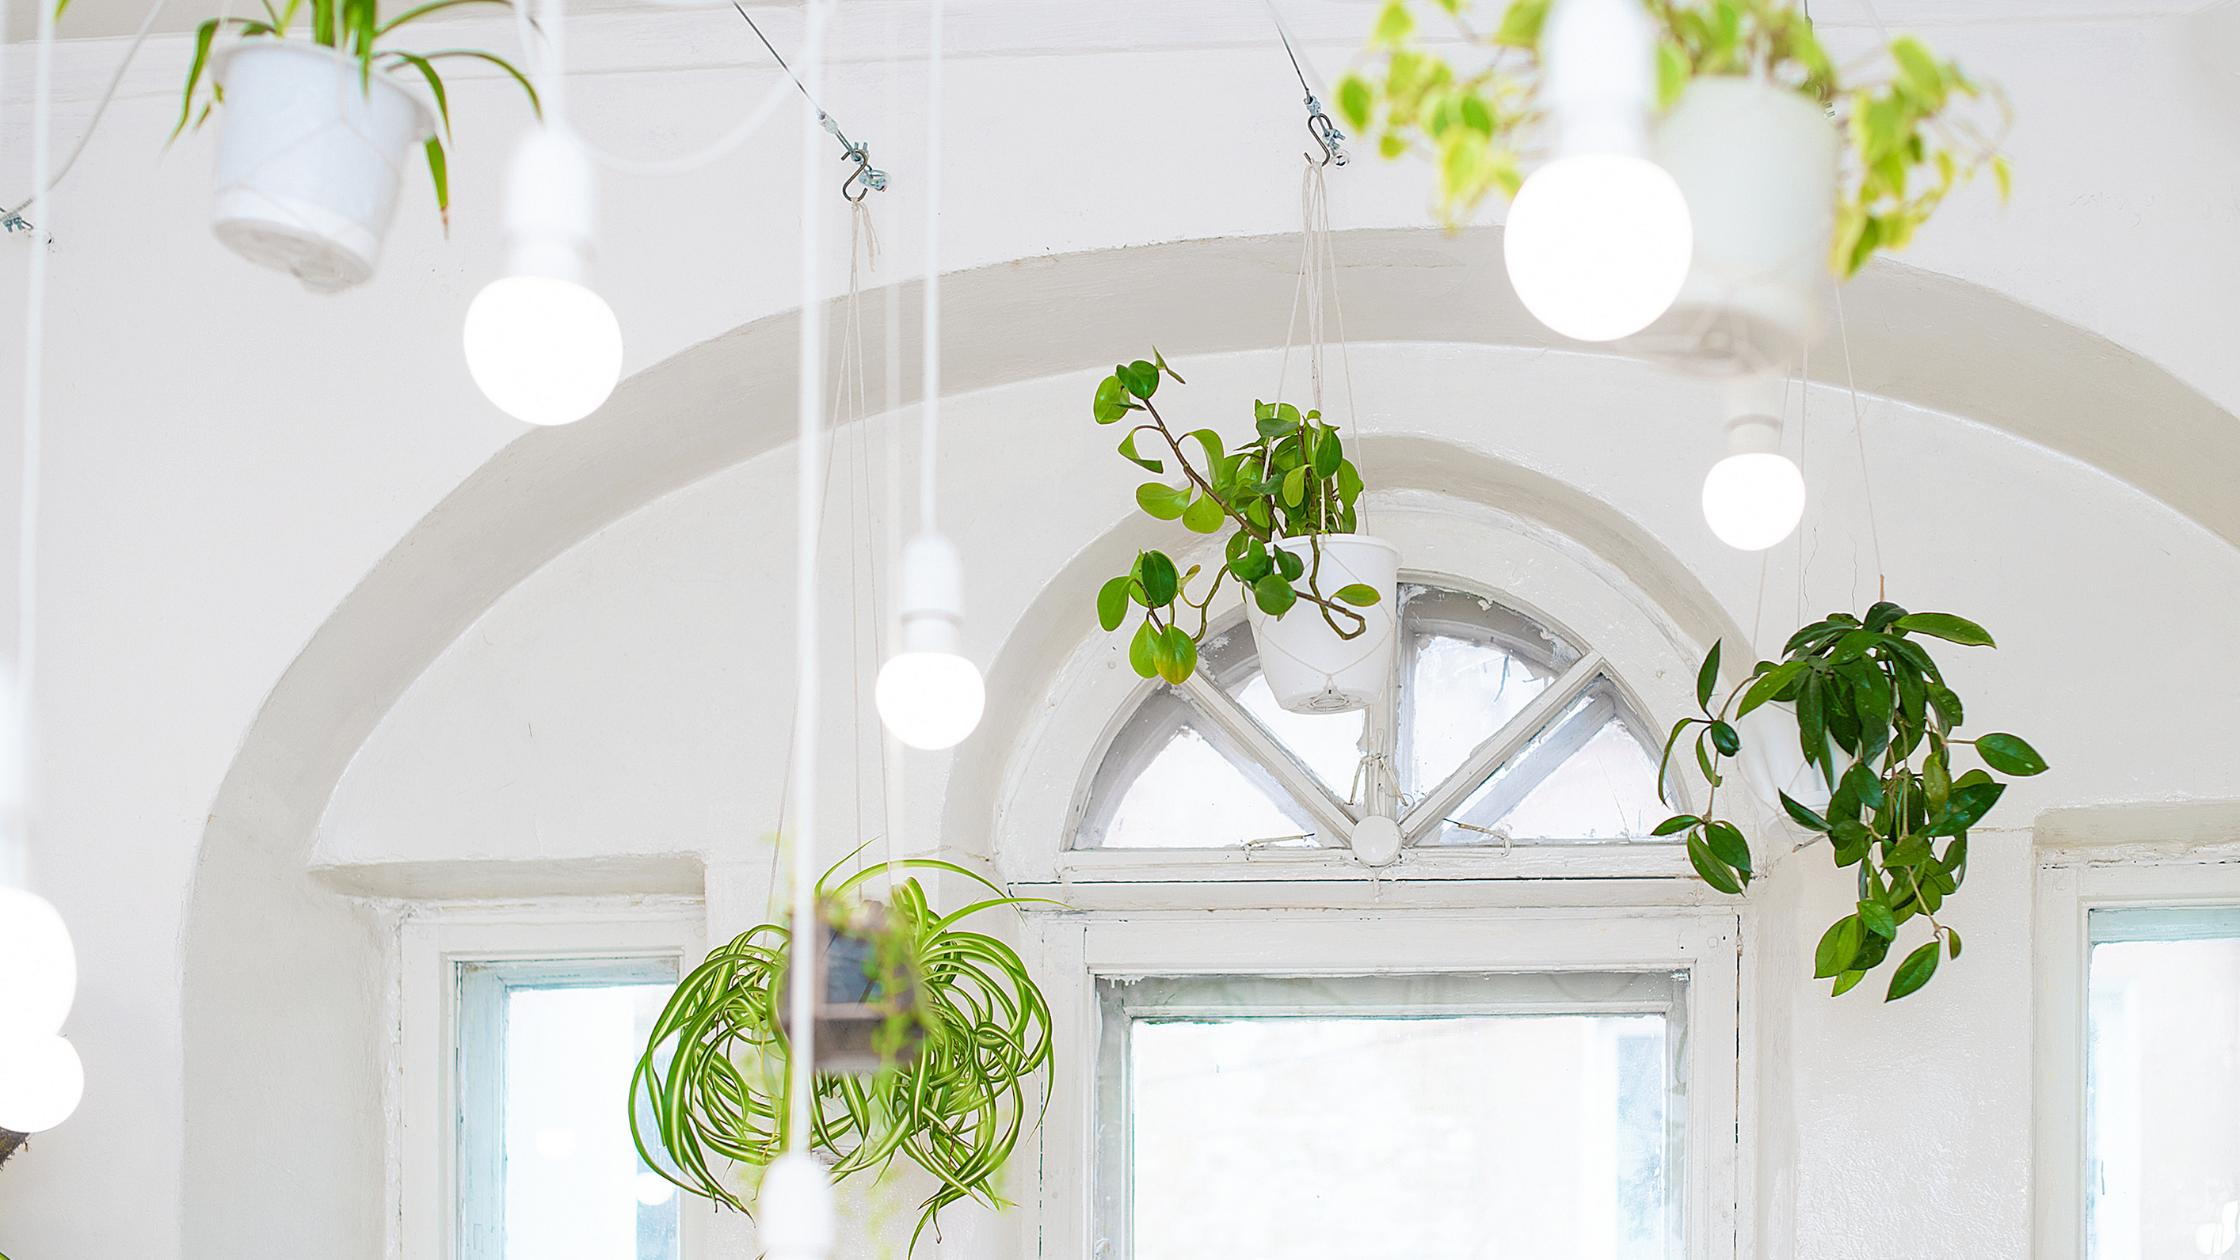 Las plantas colgantes: ideal para decorar tu hogar 4